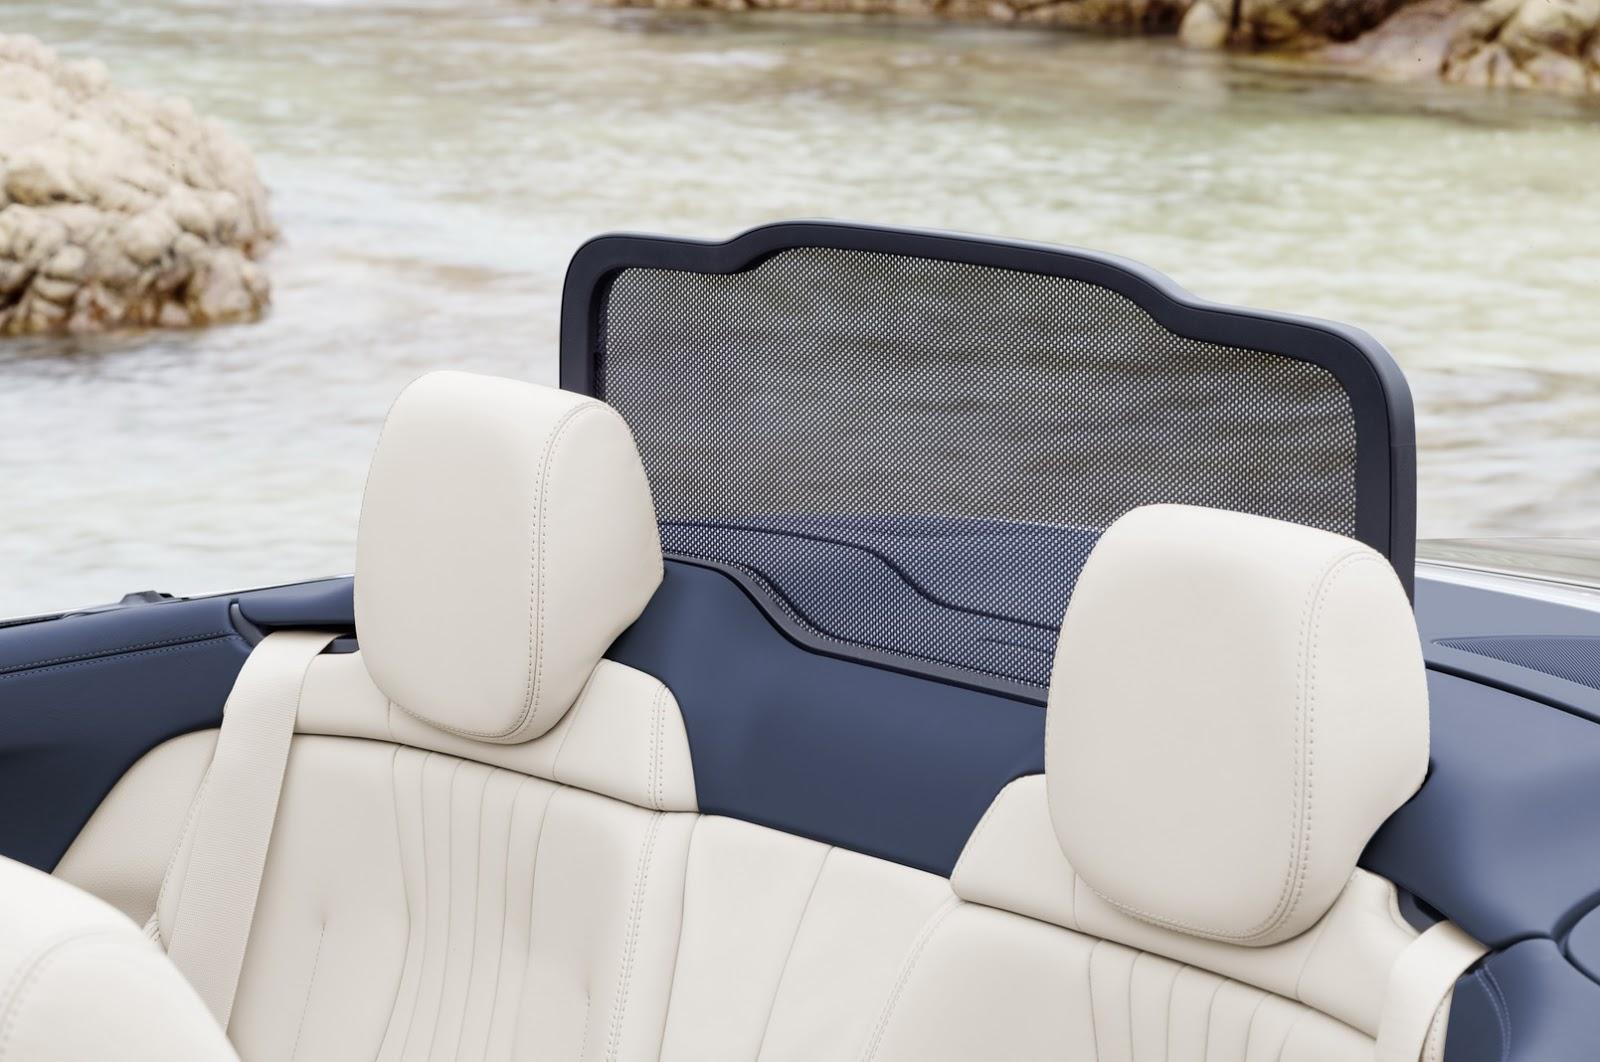 Mercedes E-Class Cabriolet 2018 (37)